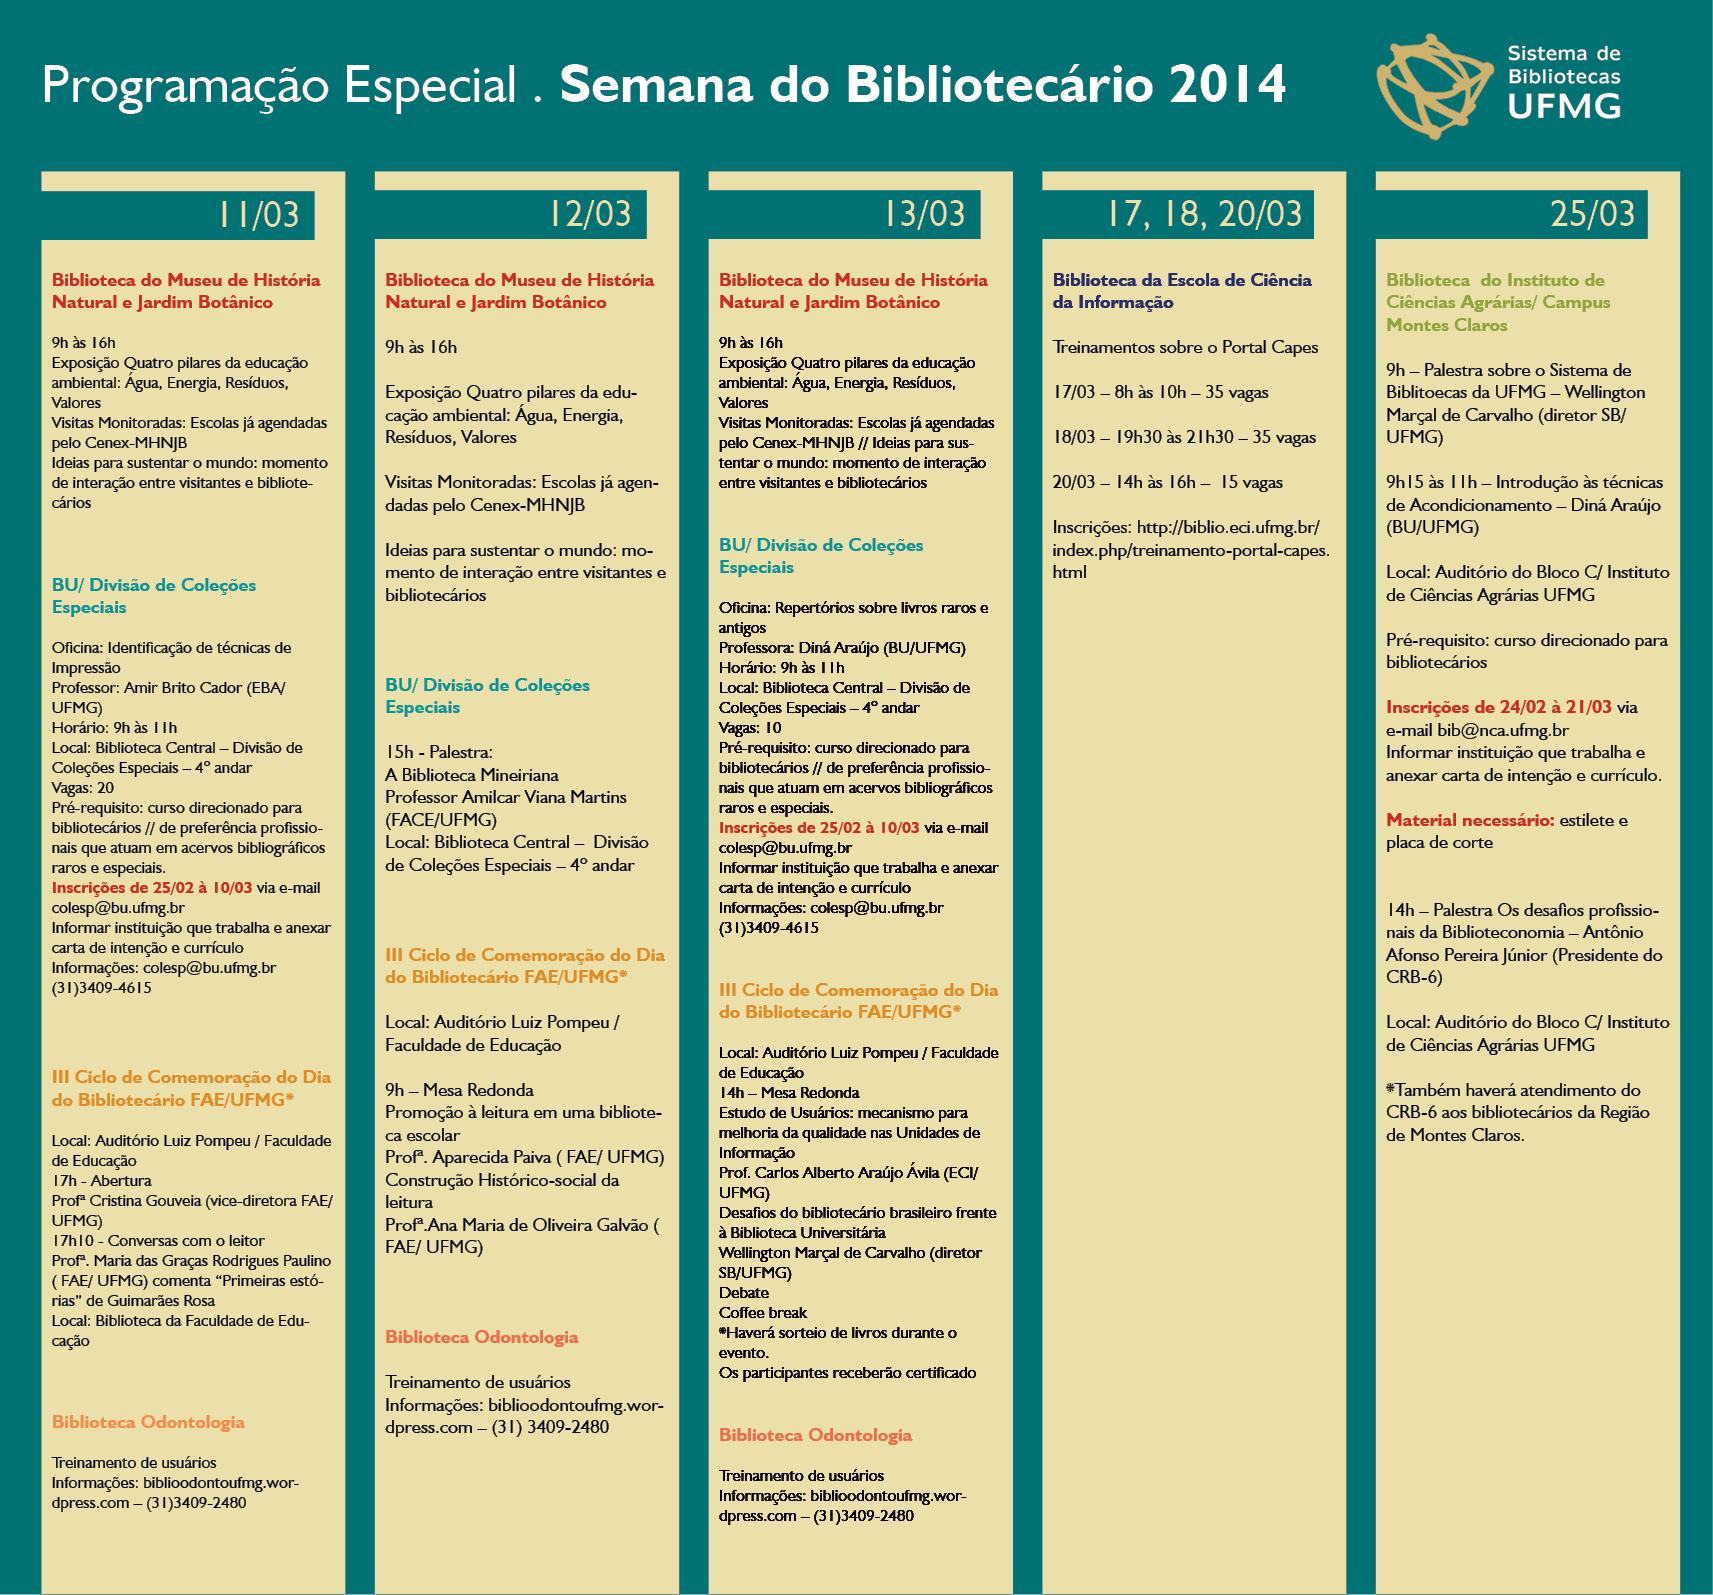 Semana do Bibliotecário UFMG 2014